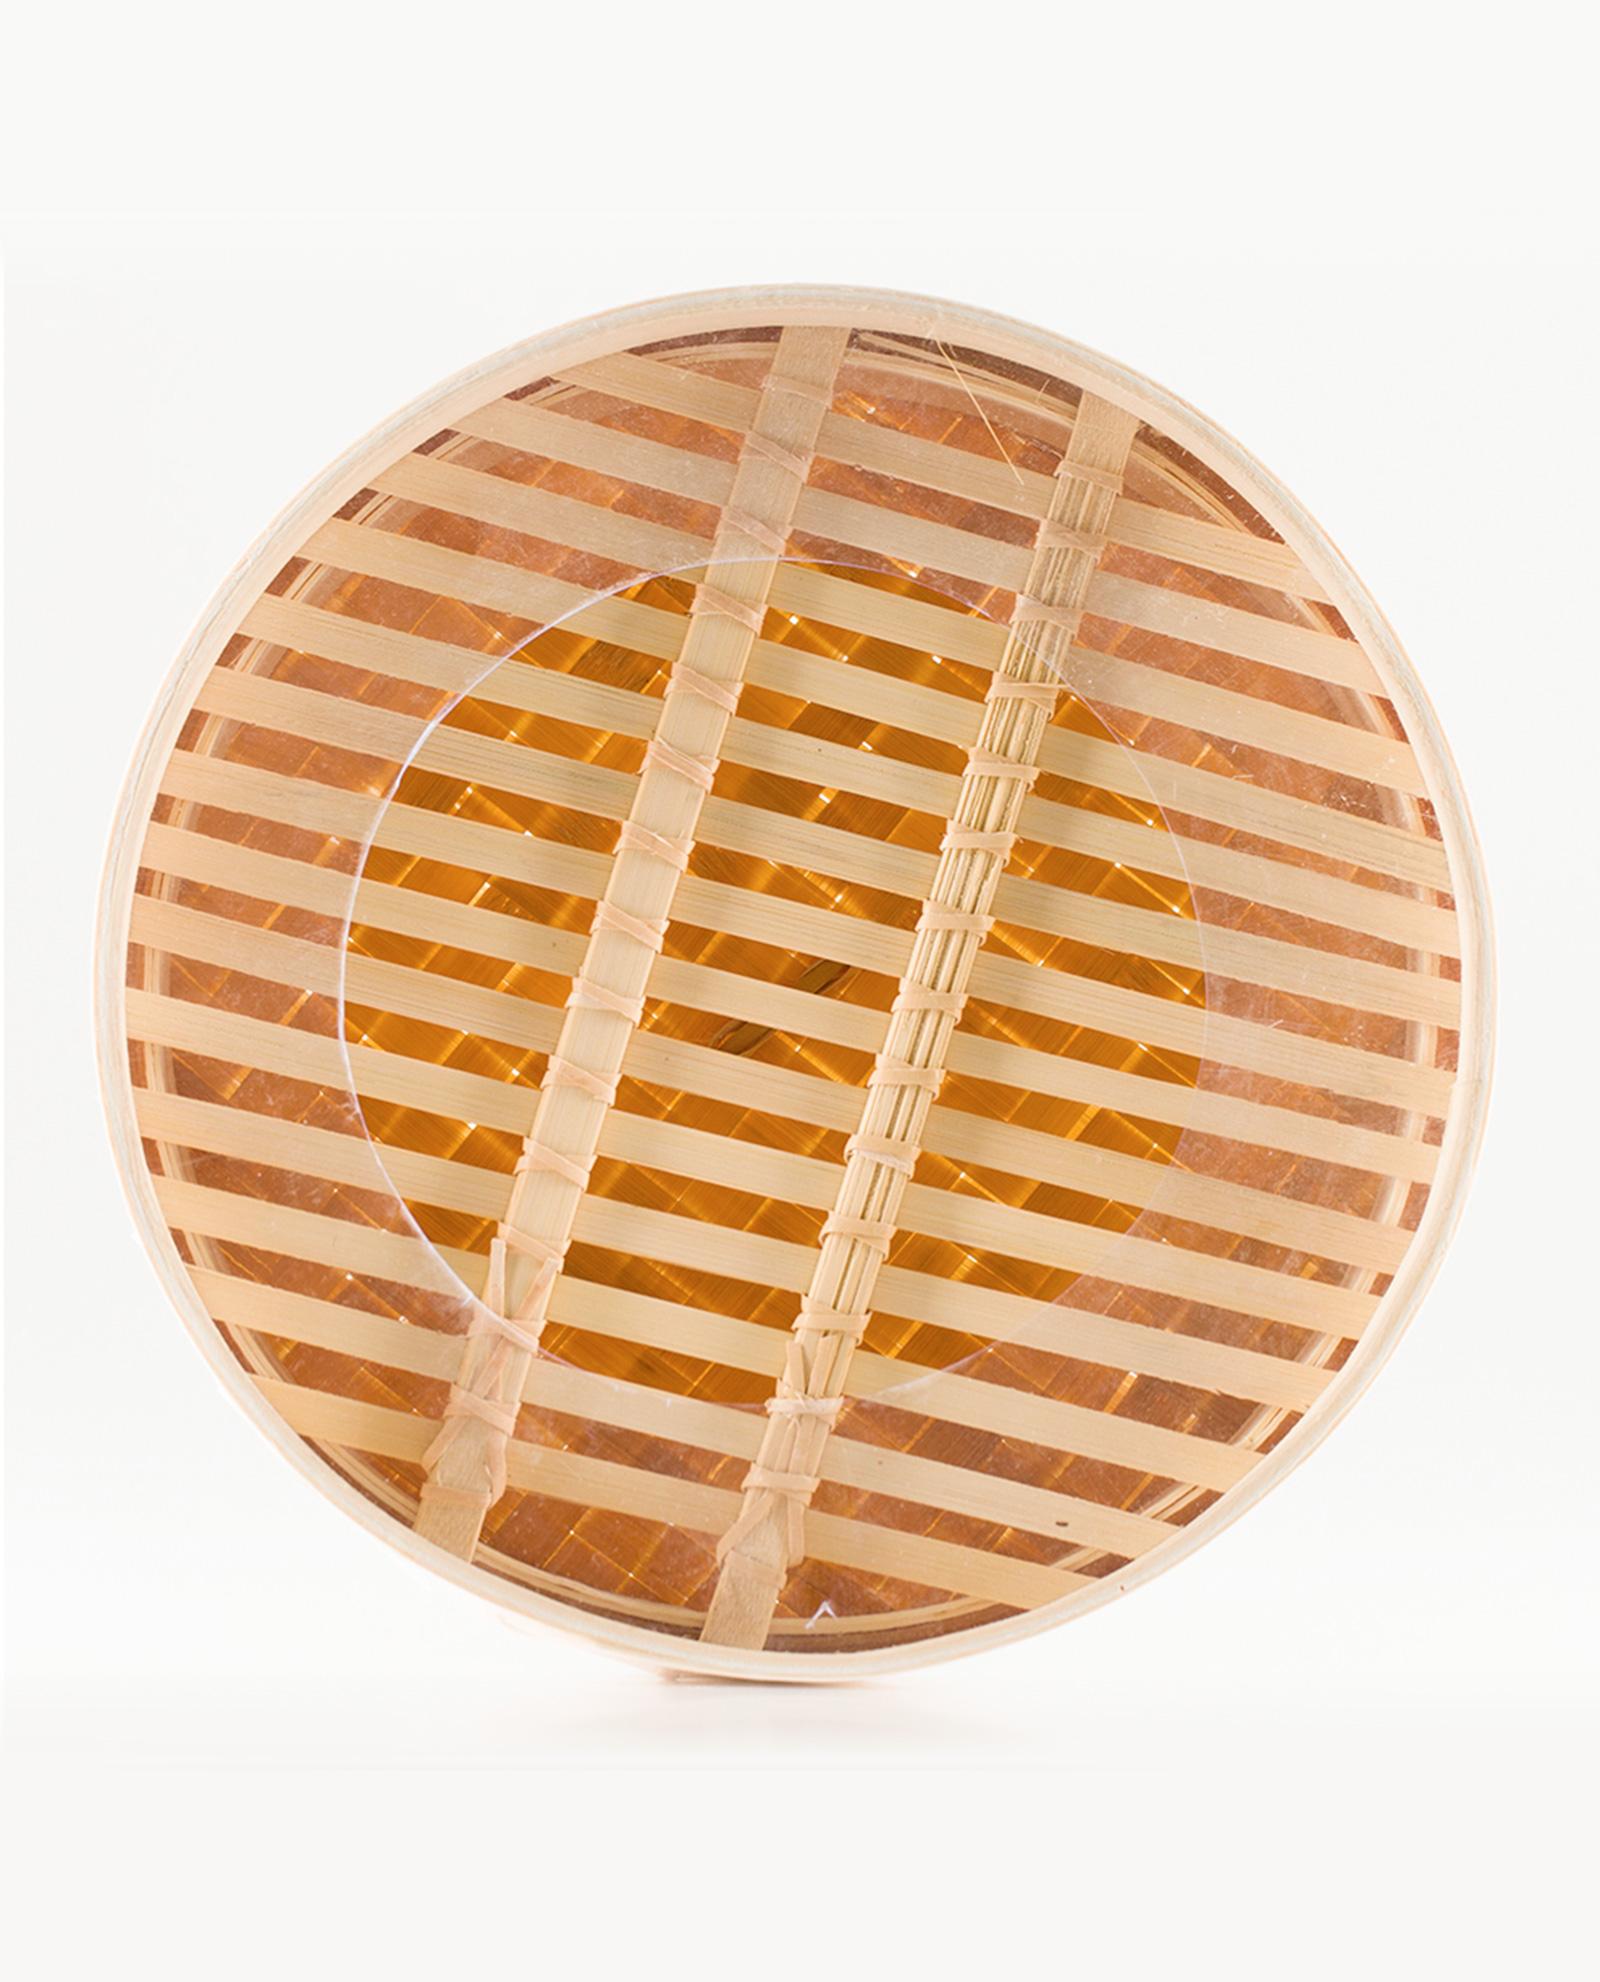 СТИМЕР - Бамбуковая пароварка